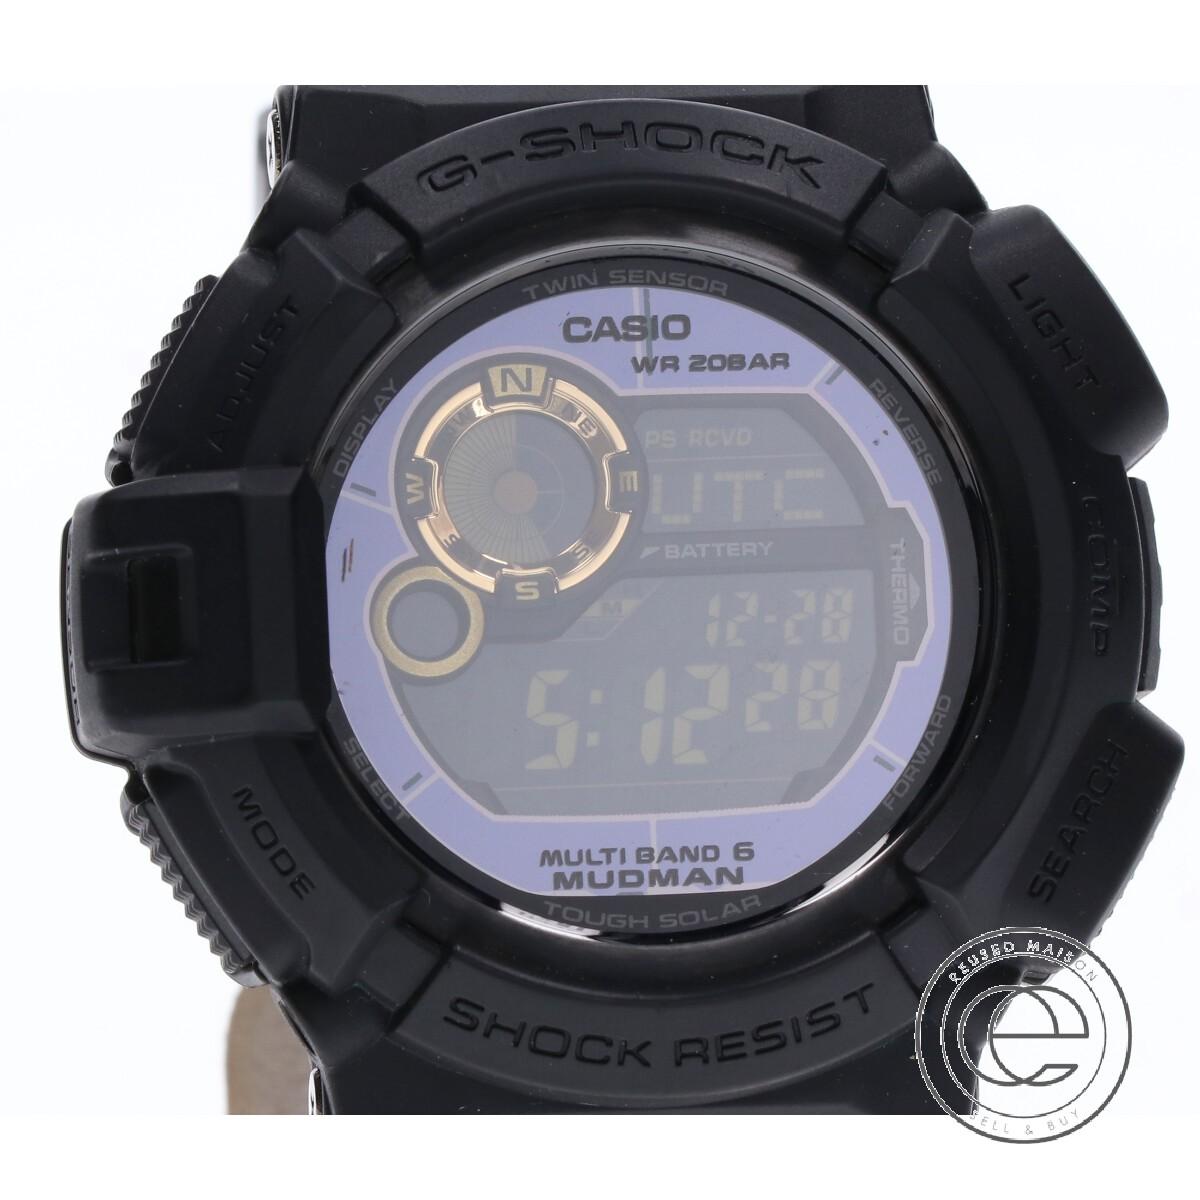 当店の記念日 G-SHOCK ジーショック GW-9300GB-1JF MUDMAN マッドマン マルチバンド6 タフソーラー電波 腕時計 ブラック メンズ, 稲毛区 d7c57fa1